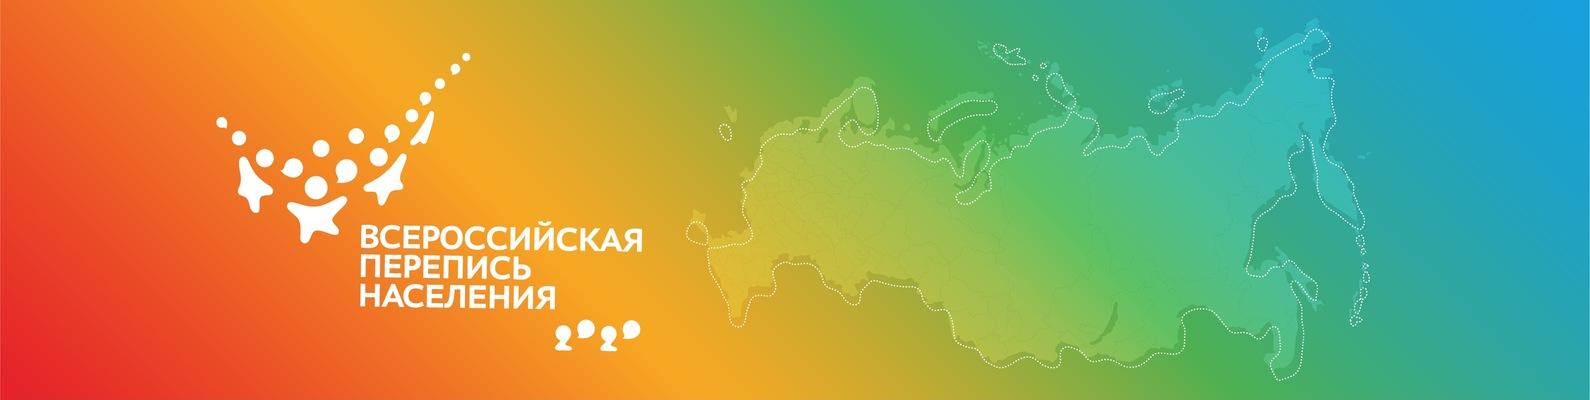 В Алтайском крае формируют оргплан подготовки к переписи